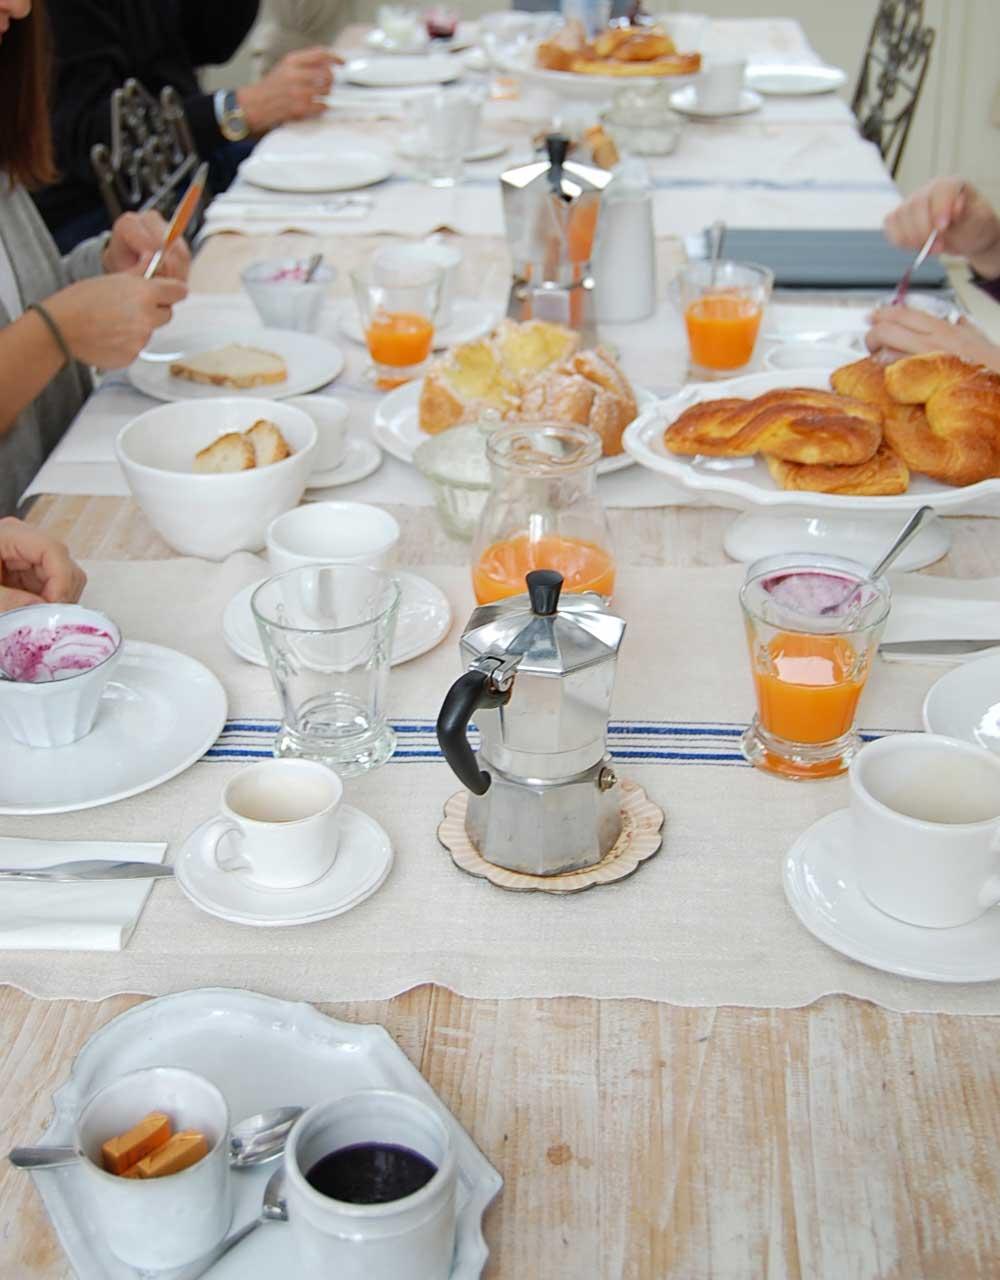 valdirose-colazione-nonsolofood